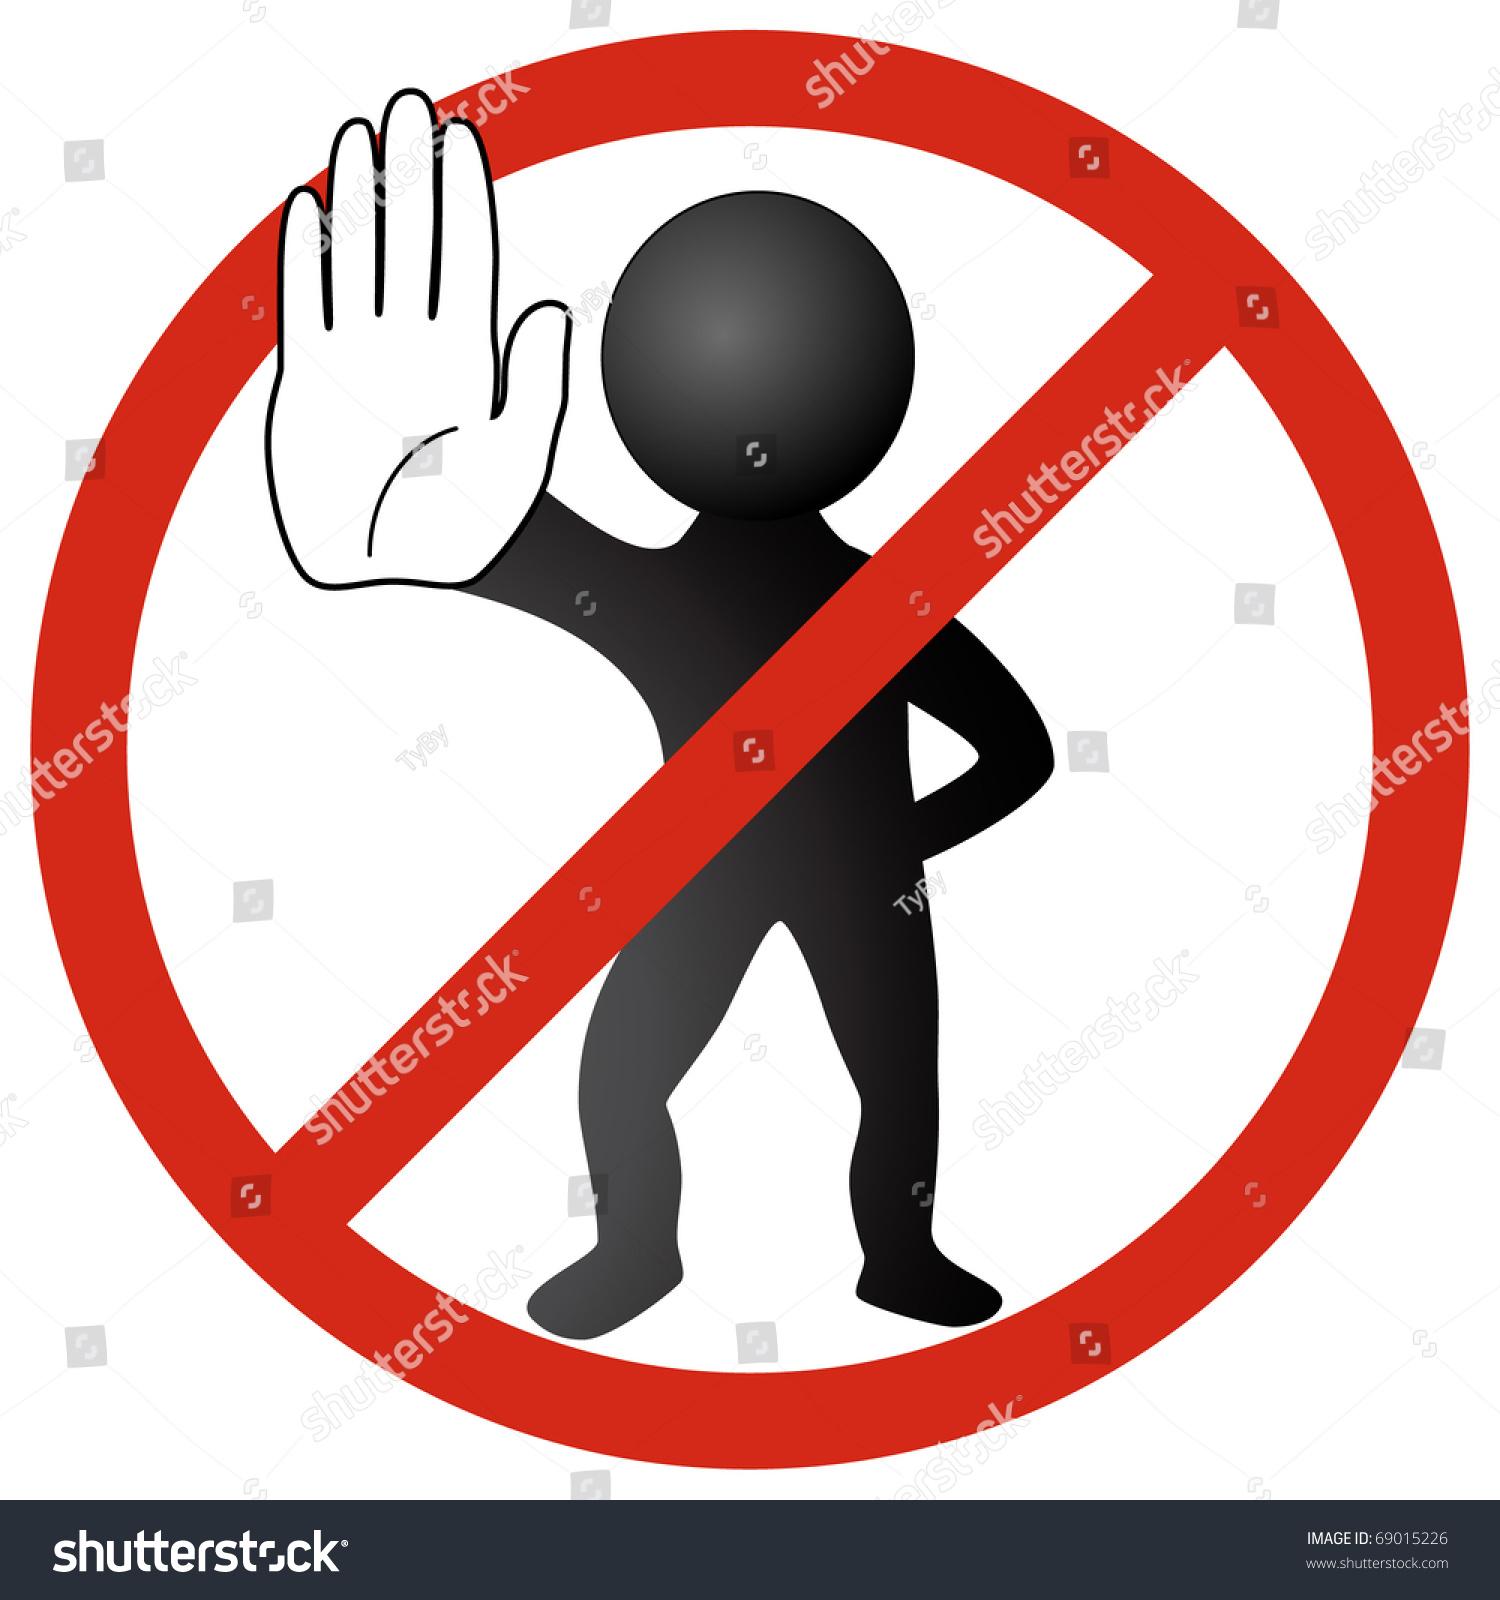 do not signs clip art